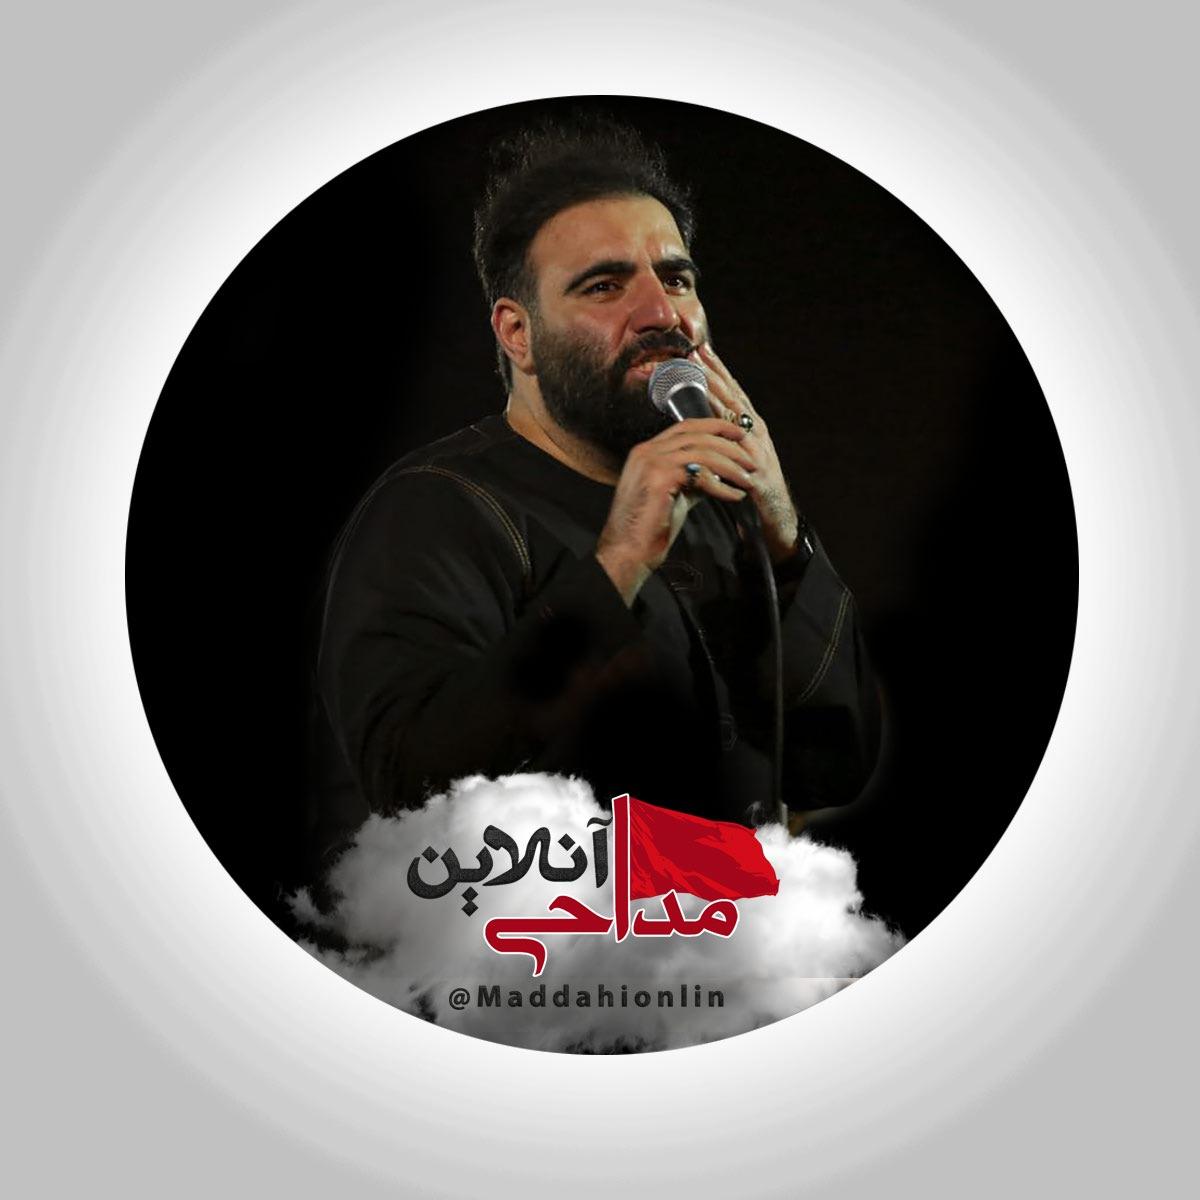 دانلود نماهنگ وصیت امیر کرمانشاهی